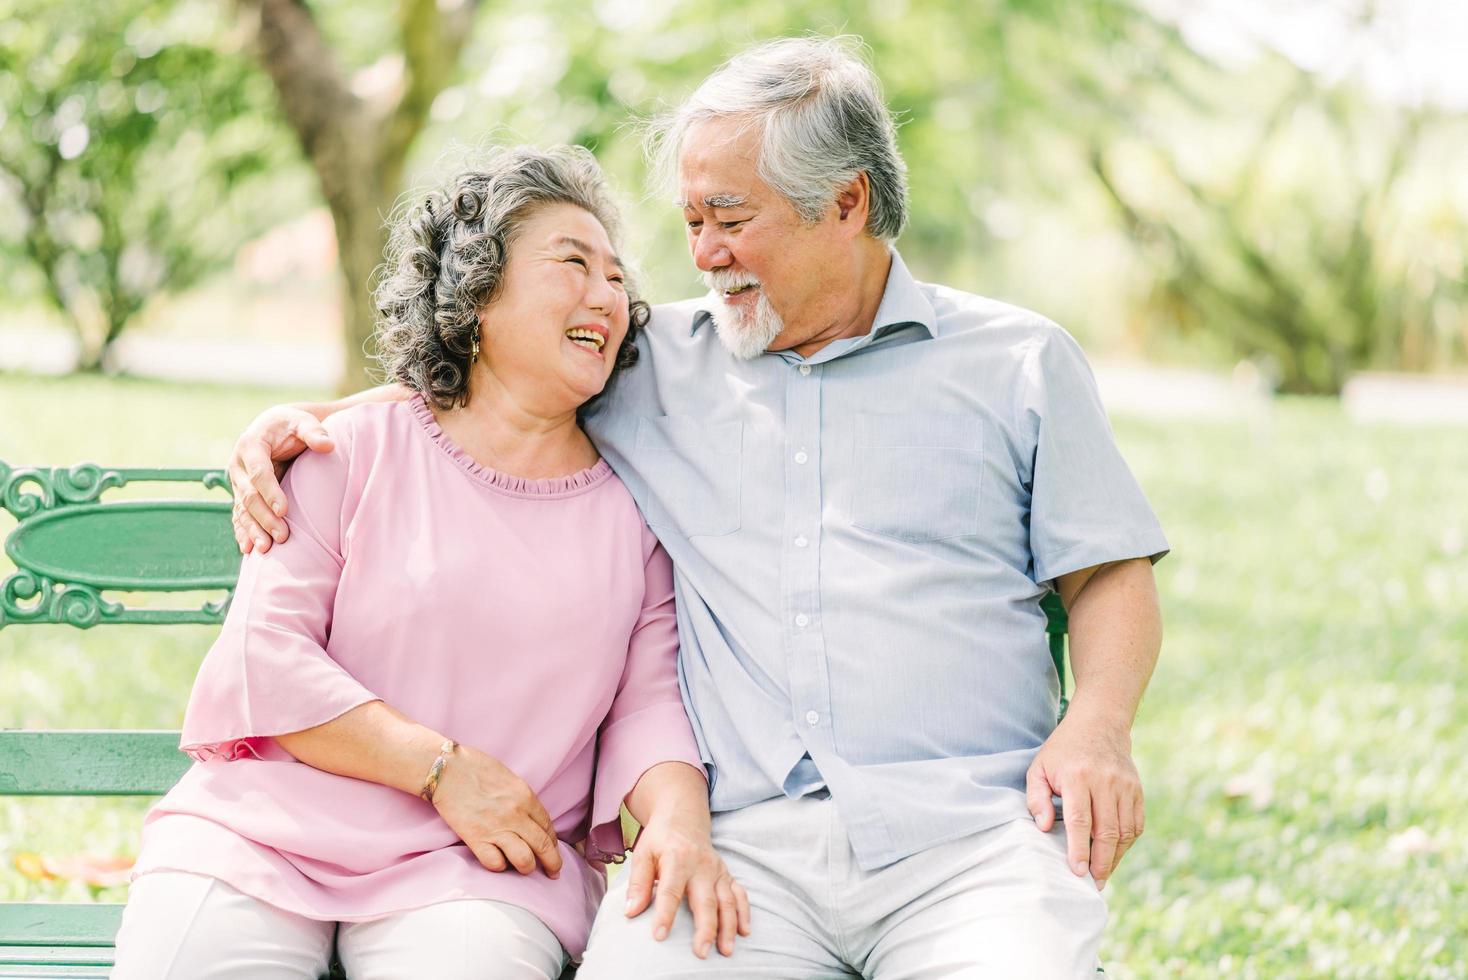 felice coppia senior nel parco foto